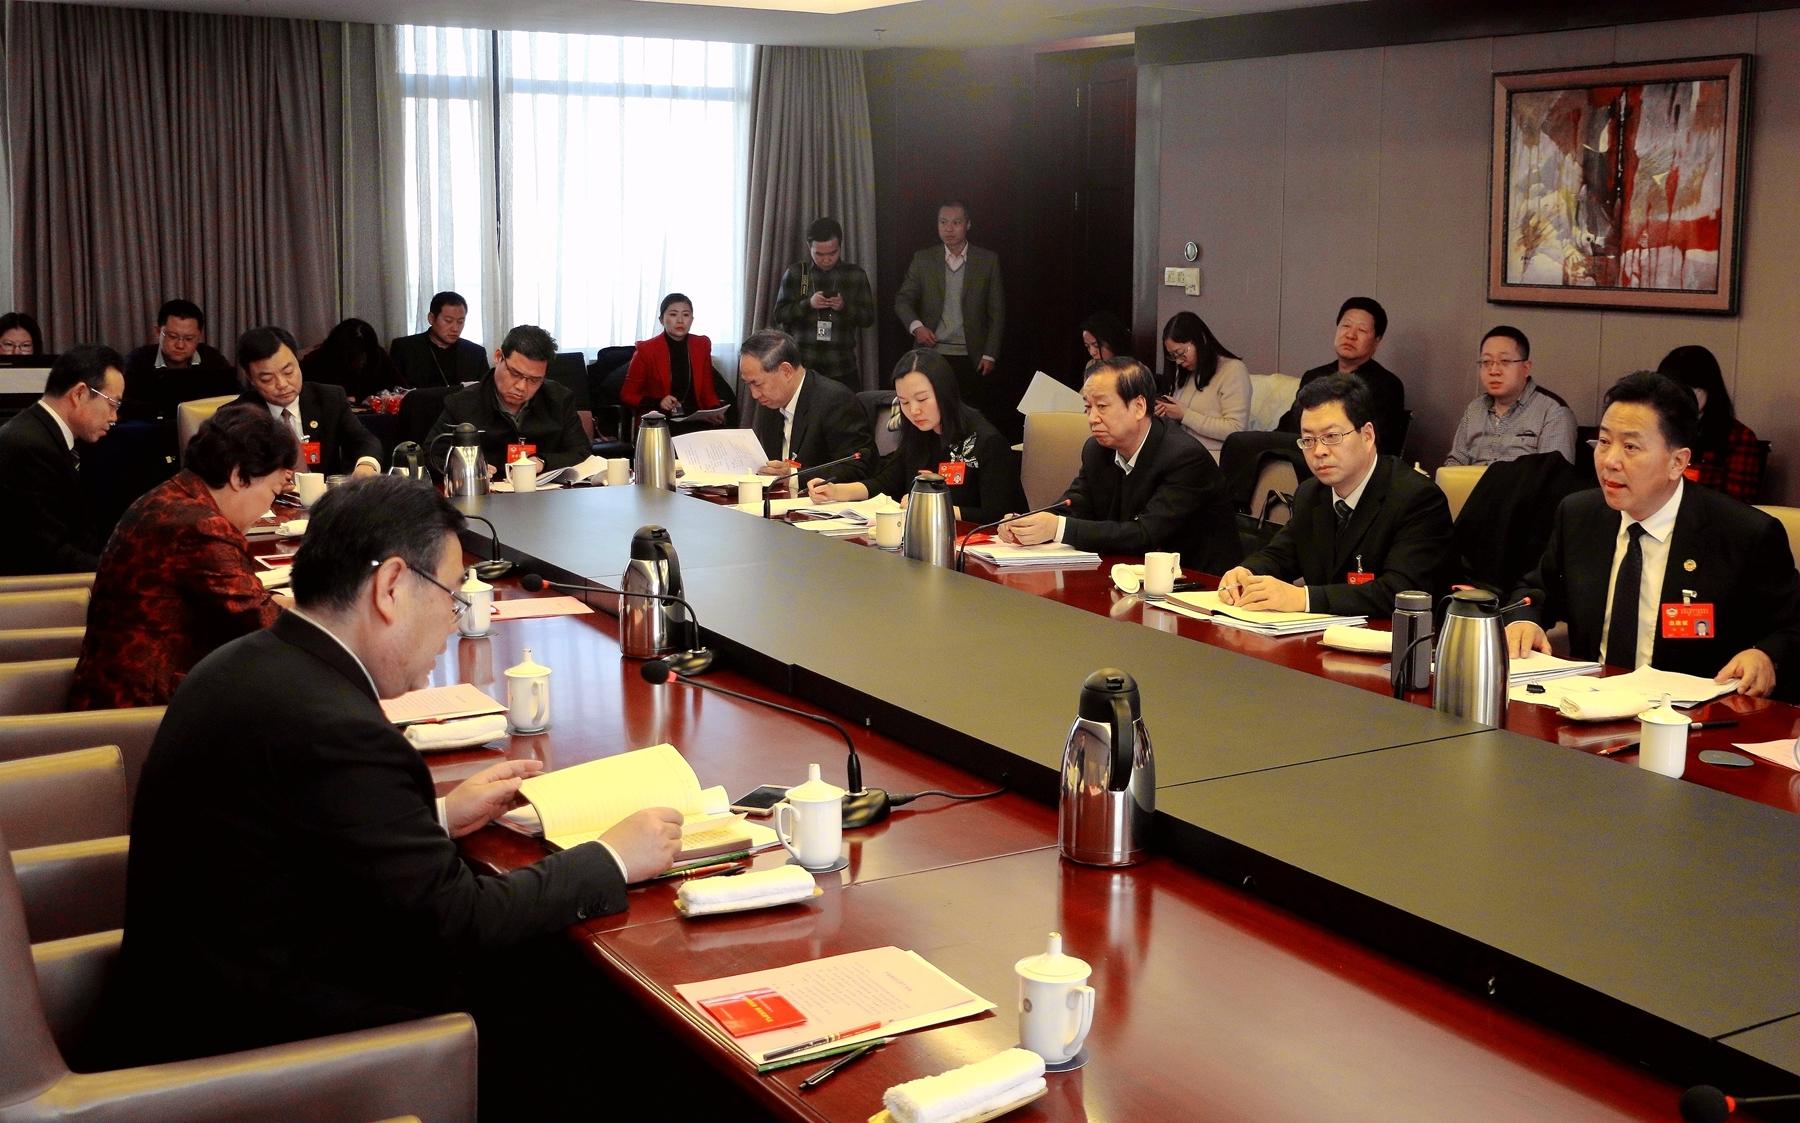 政协甘肃省第十一届委员会第三次会议小组讨论会